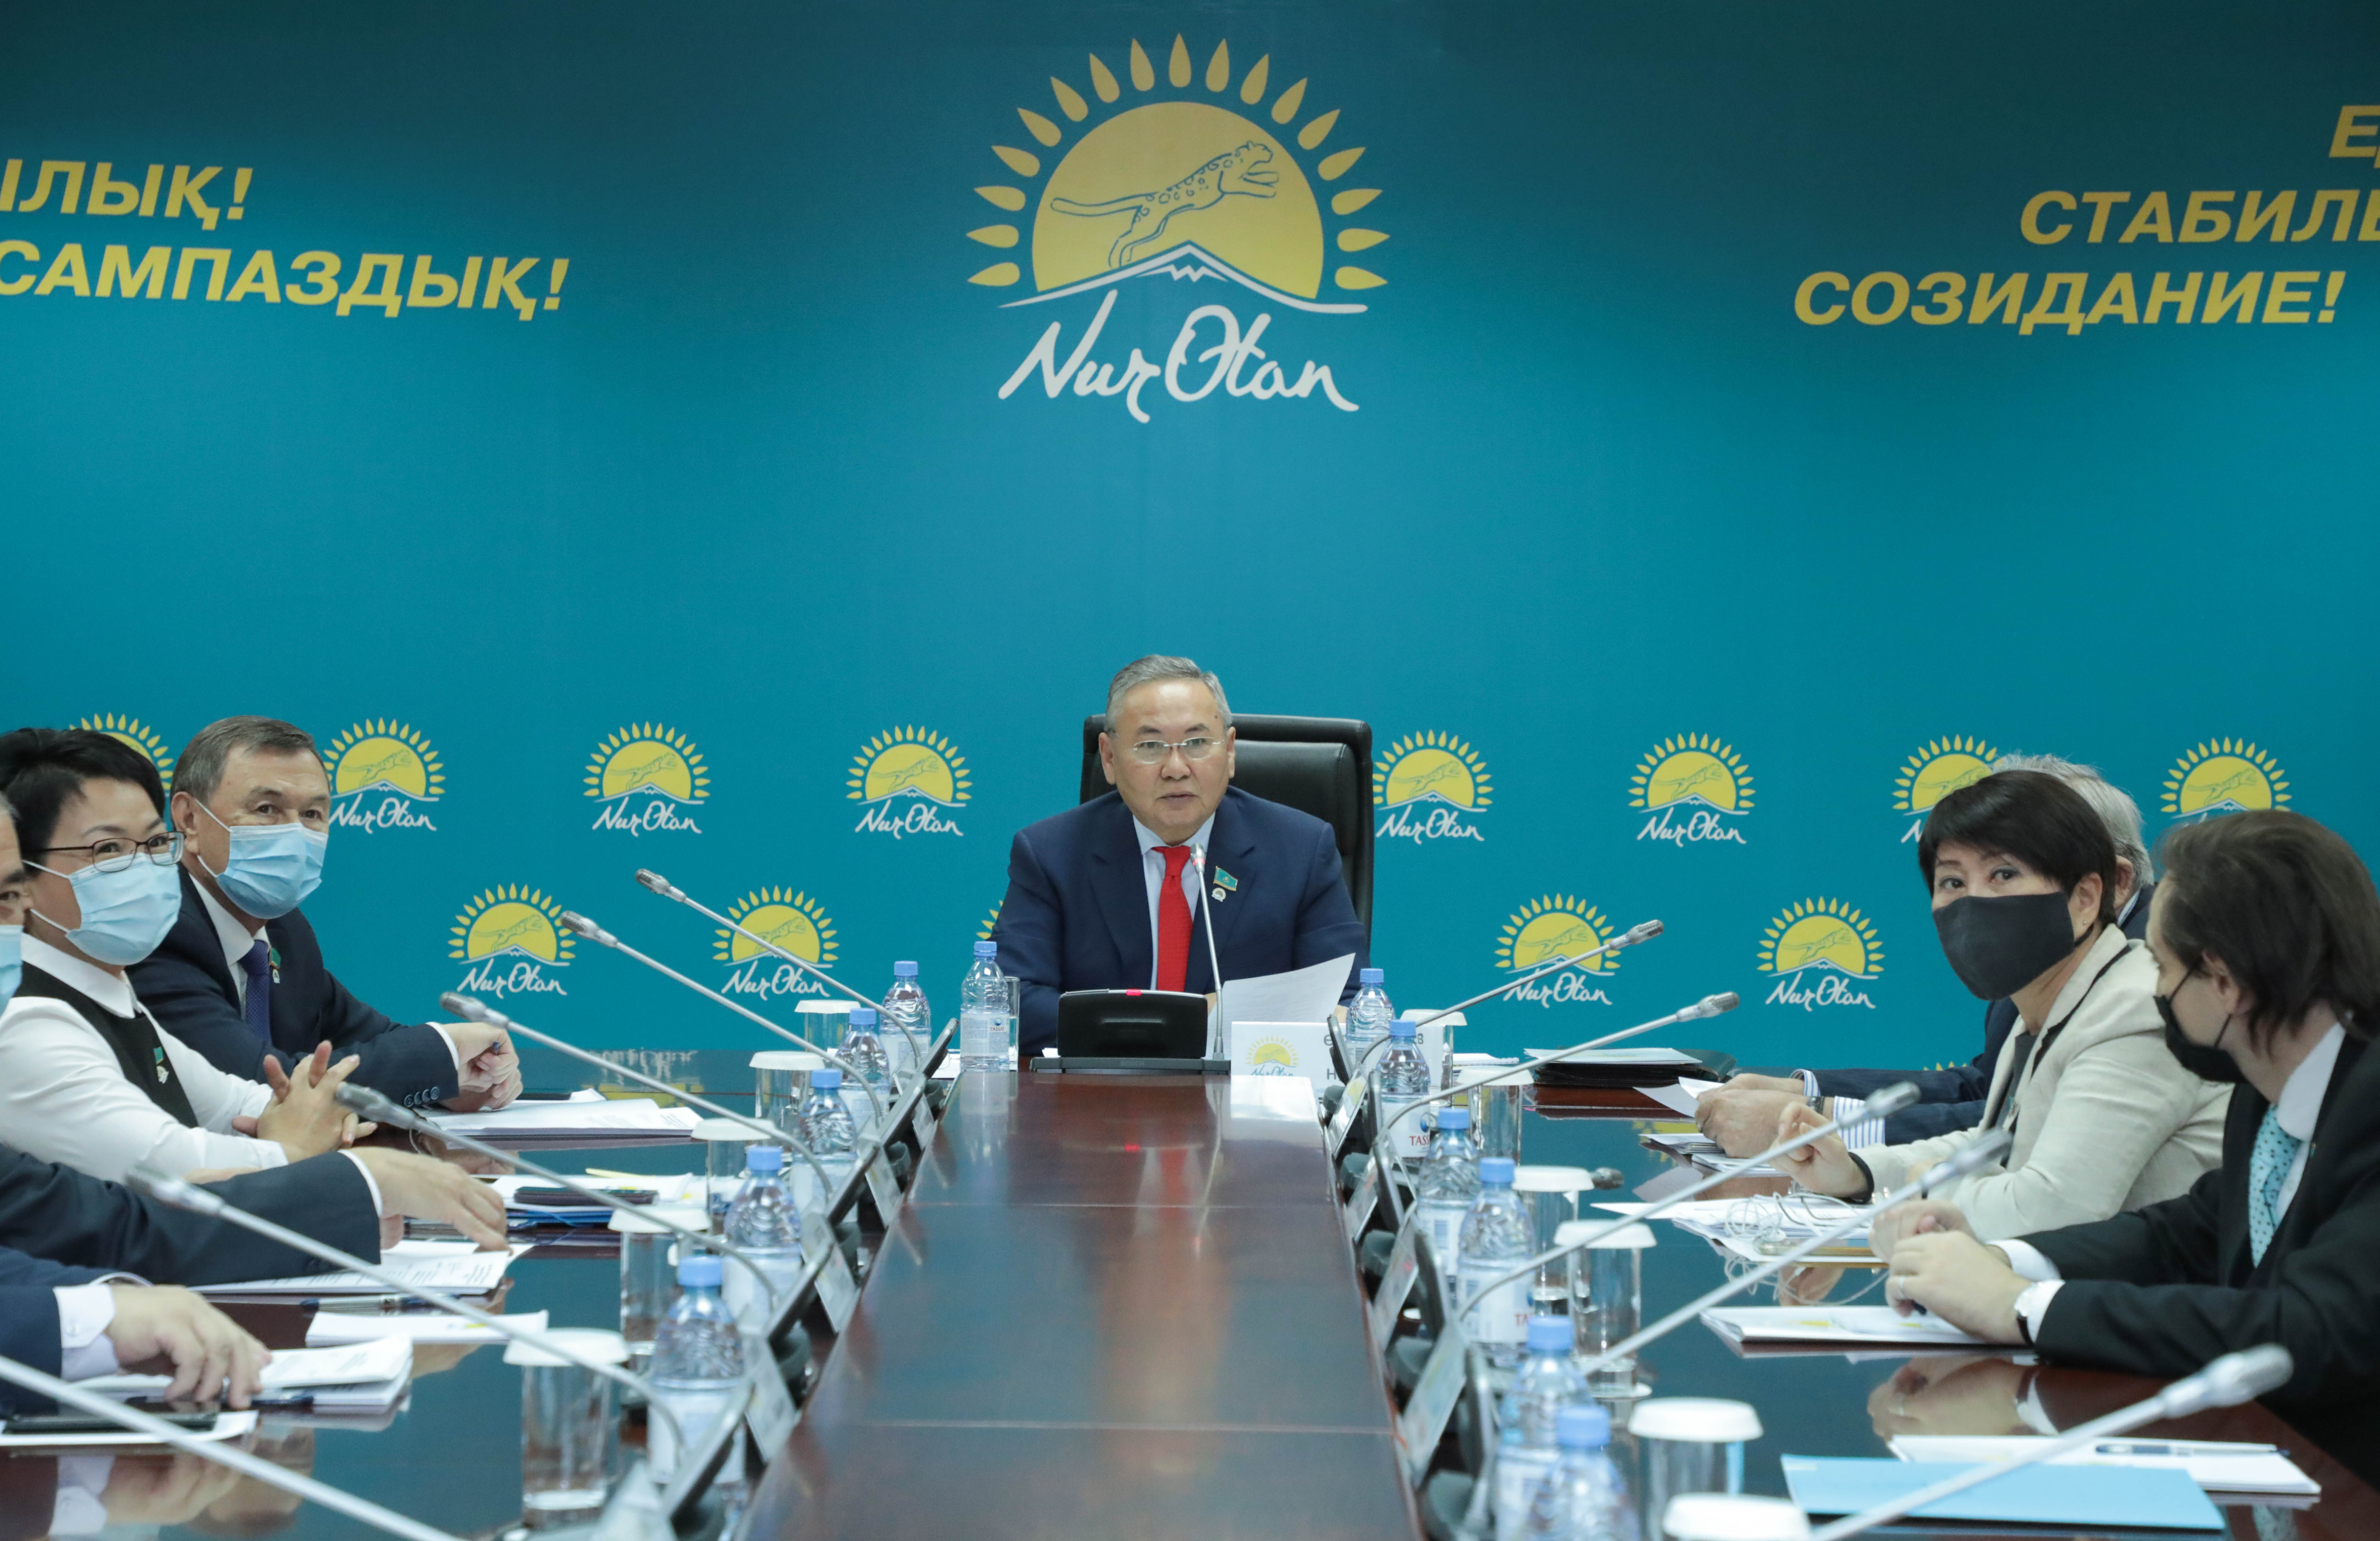 Состоялось заседание Республиканского общественного совета по противодействию коррупции при партии Nur Otan